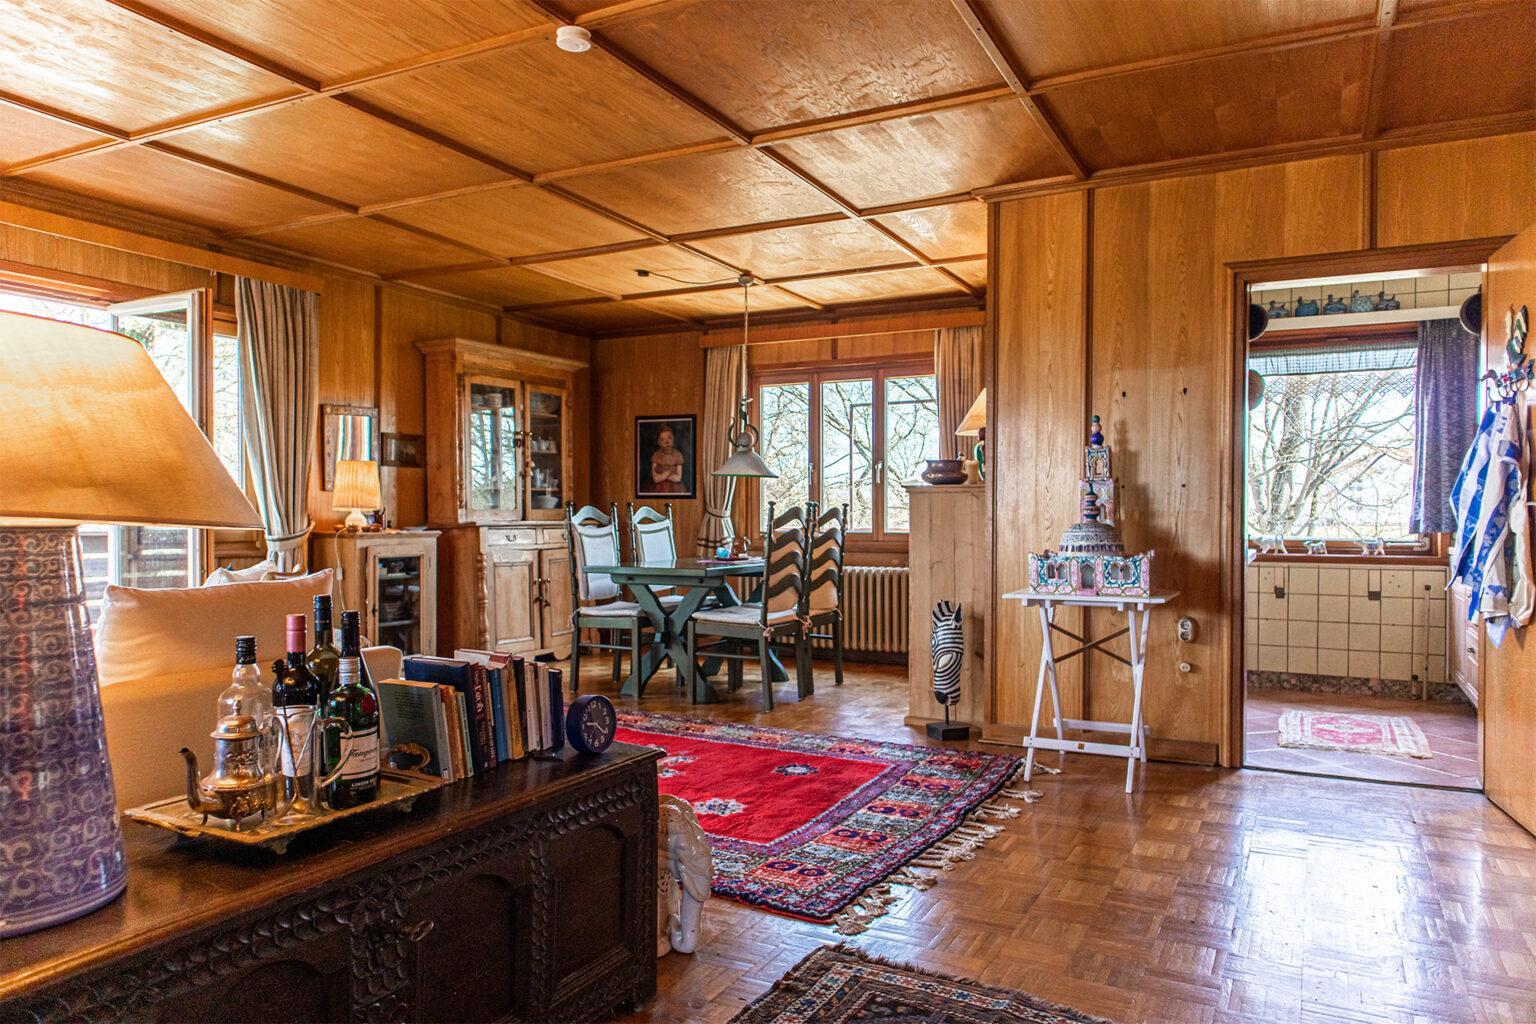 Blick in den Wohnraum des Hauses